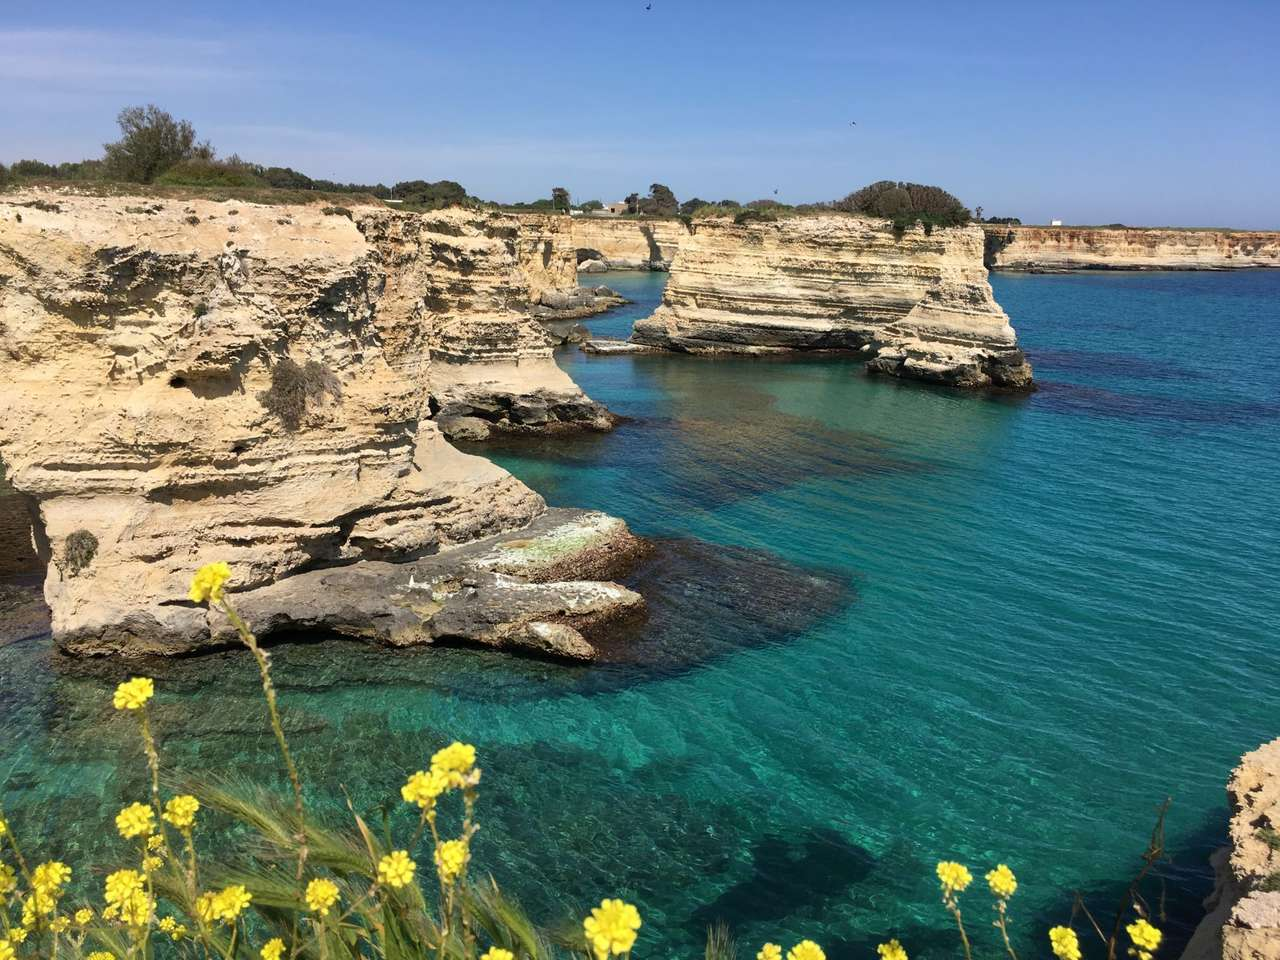 Peisaj de coastă Puglia Italia (12×9)